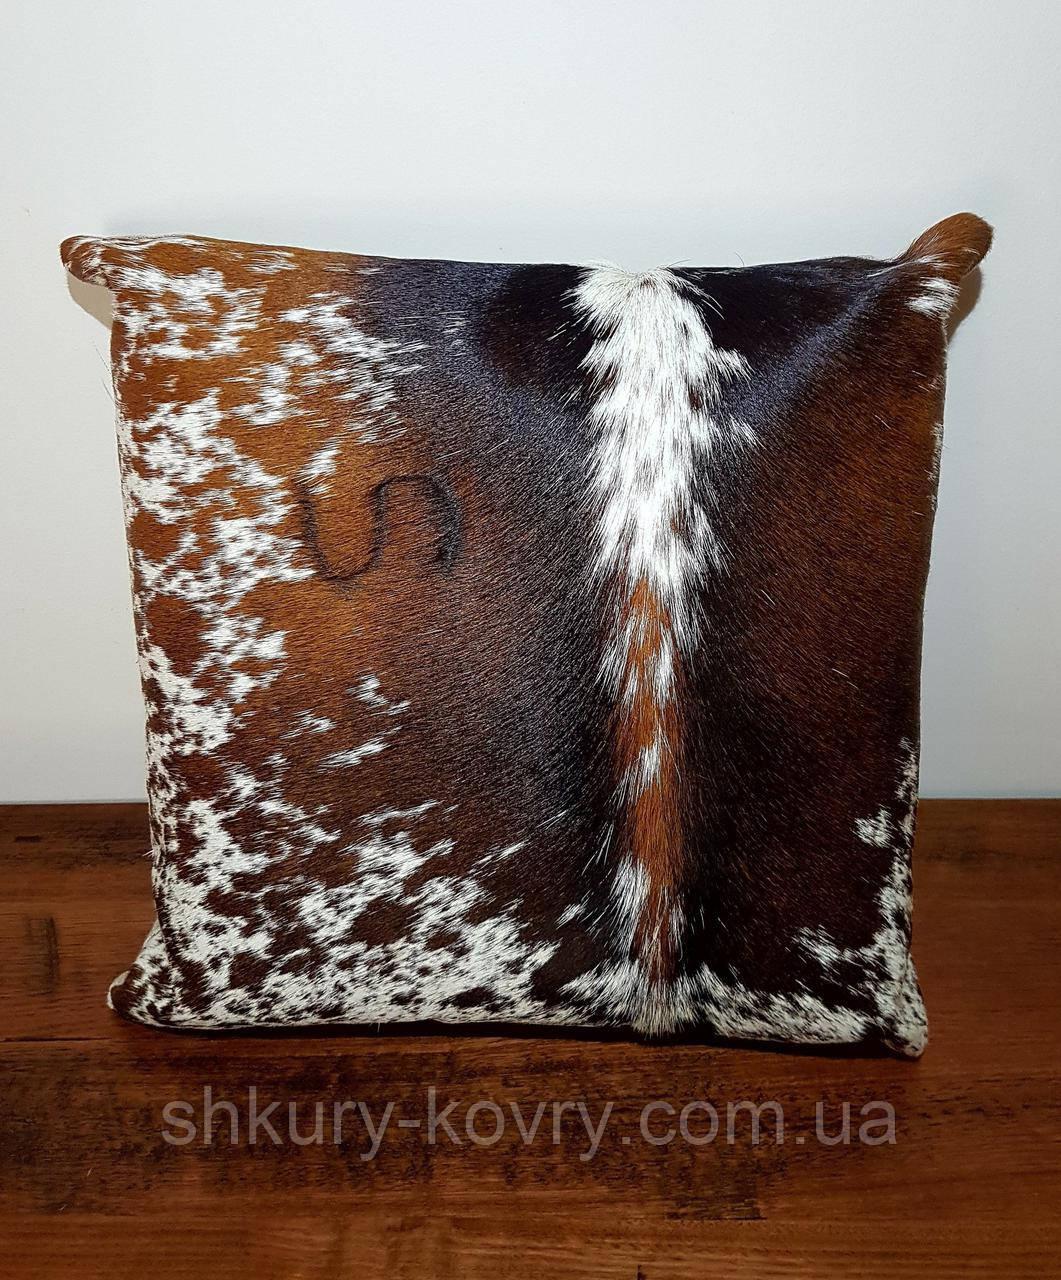 Шикарная декоративная подушка из шкуры буйвола с тавром